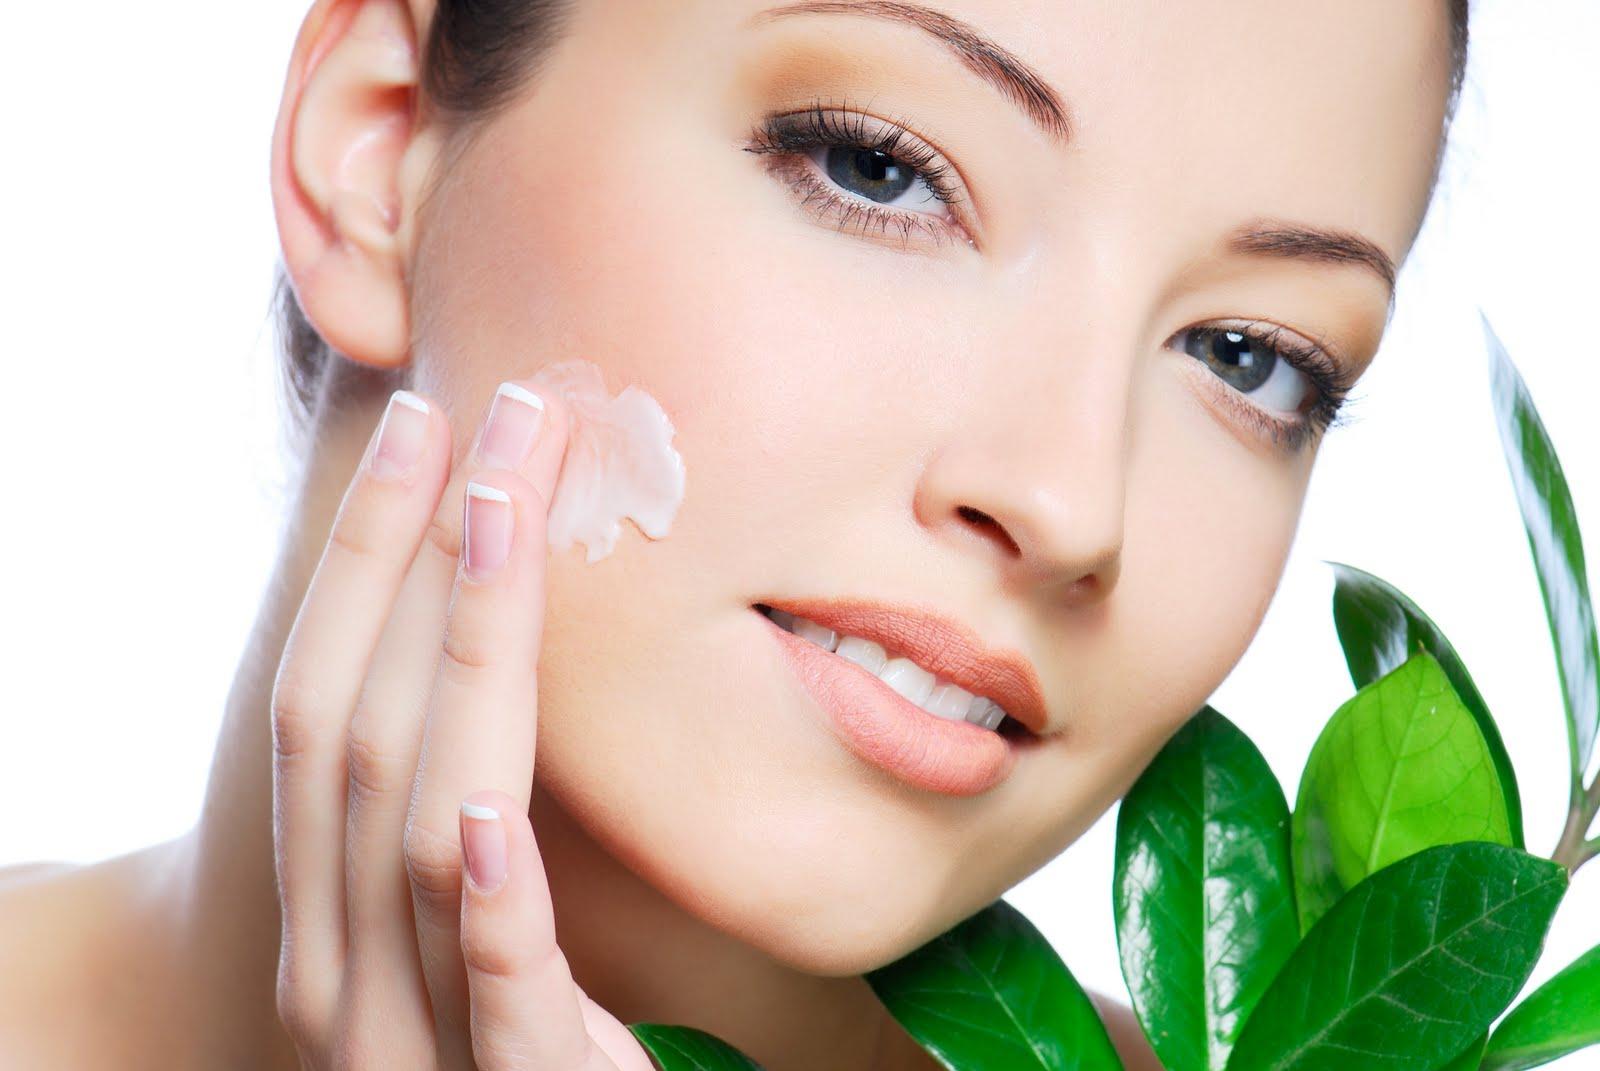 Cuidados com a pele no Inverno - hidratação do rosto